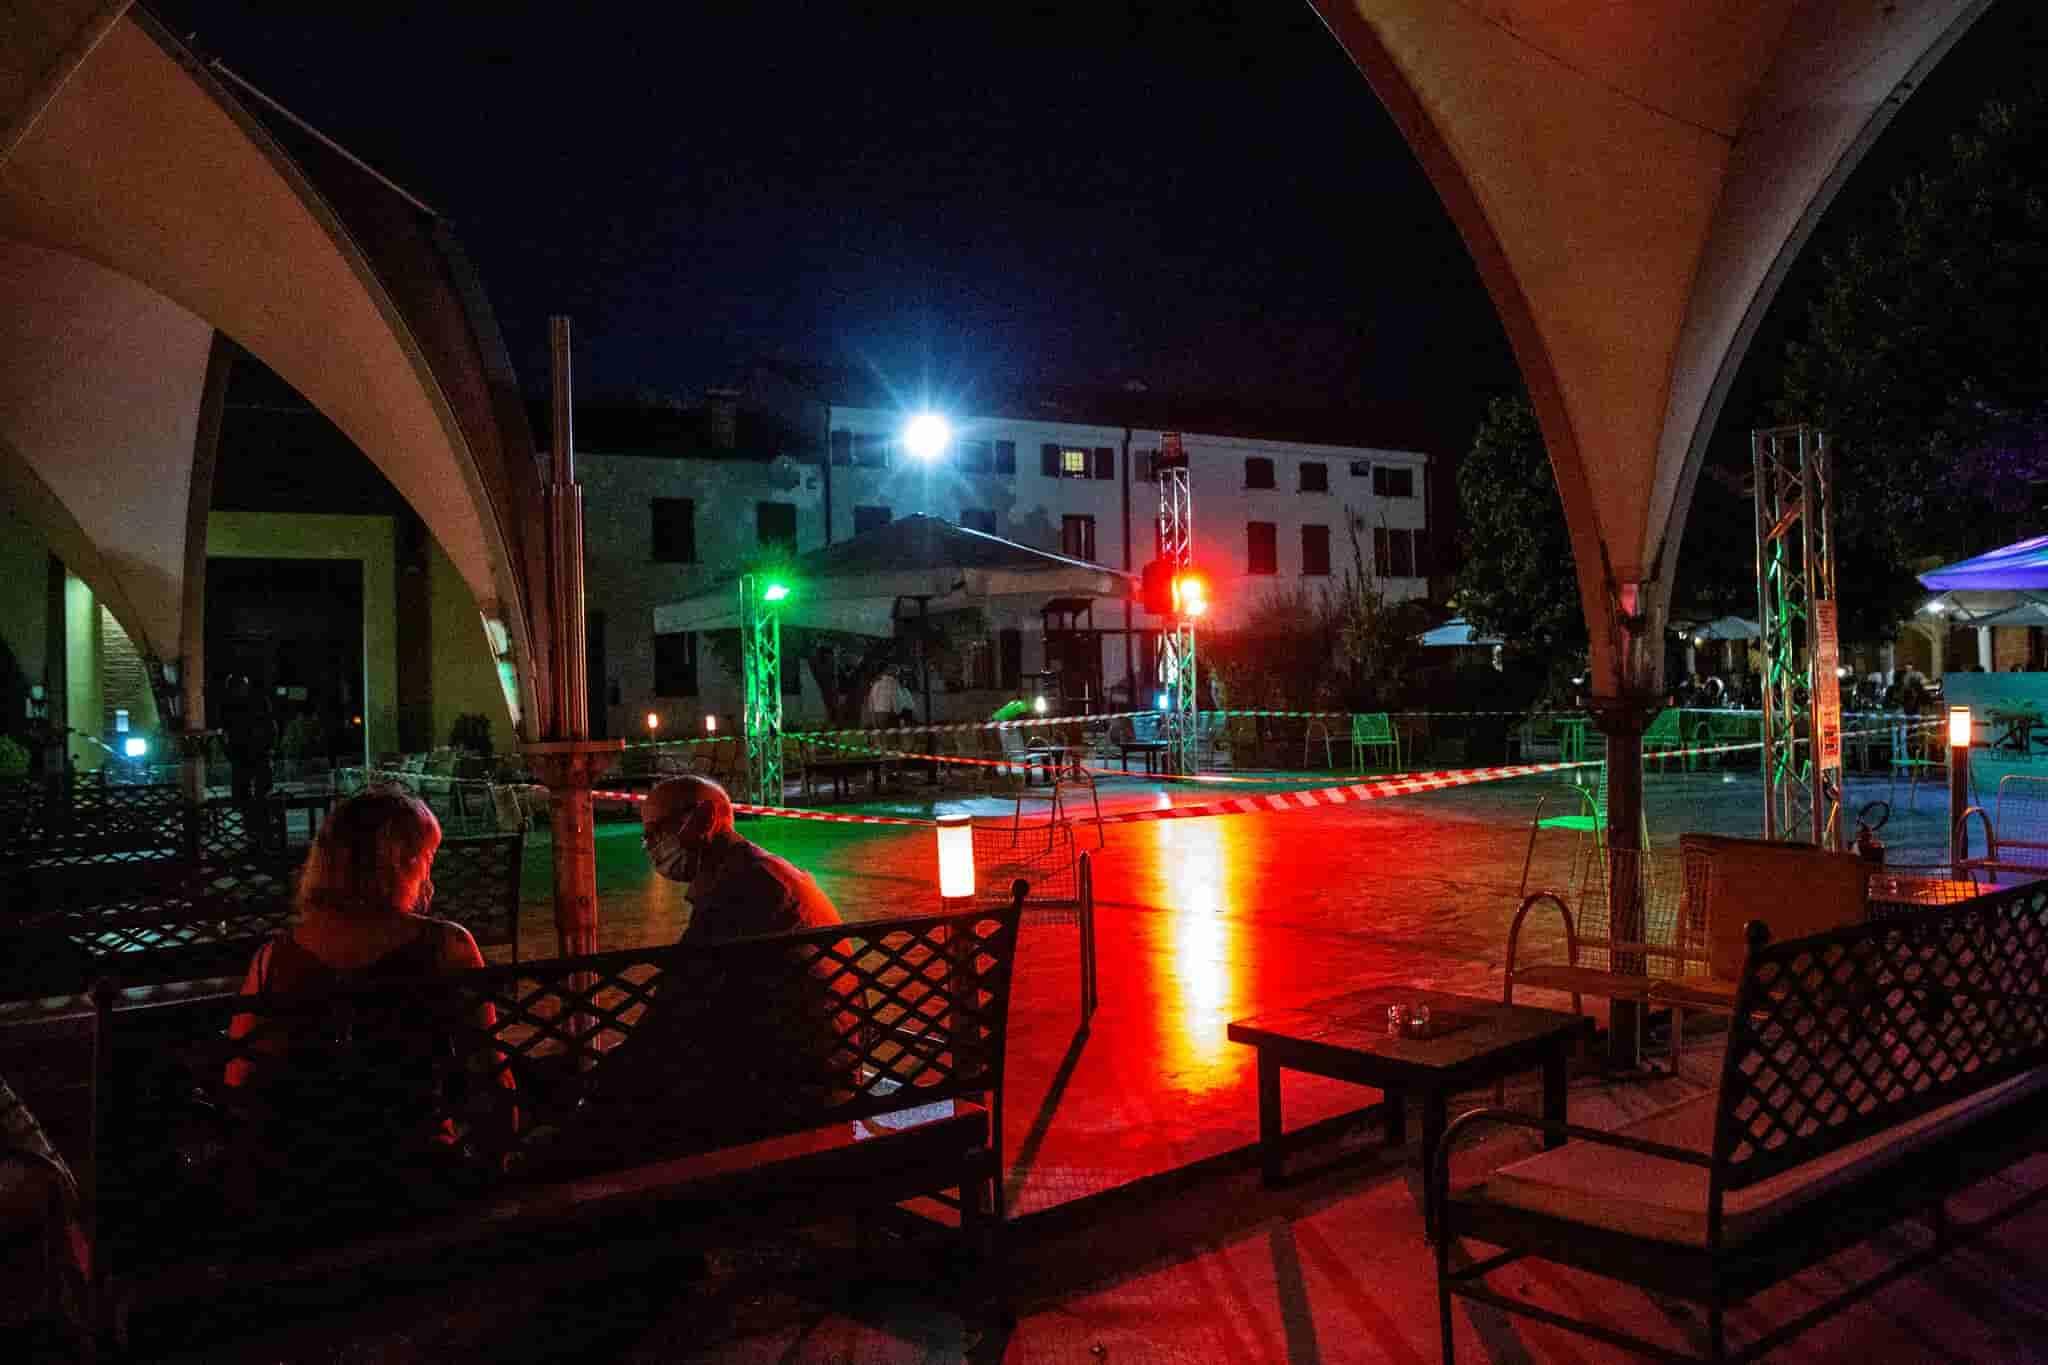 Prohibido bailar en Italia: ¨Tuvieron que dejar de bailar porque esos jóvenes se amontonaban¨